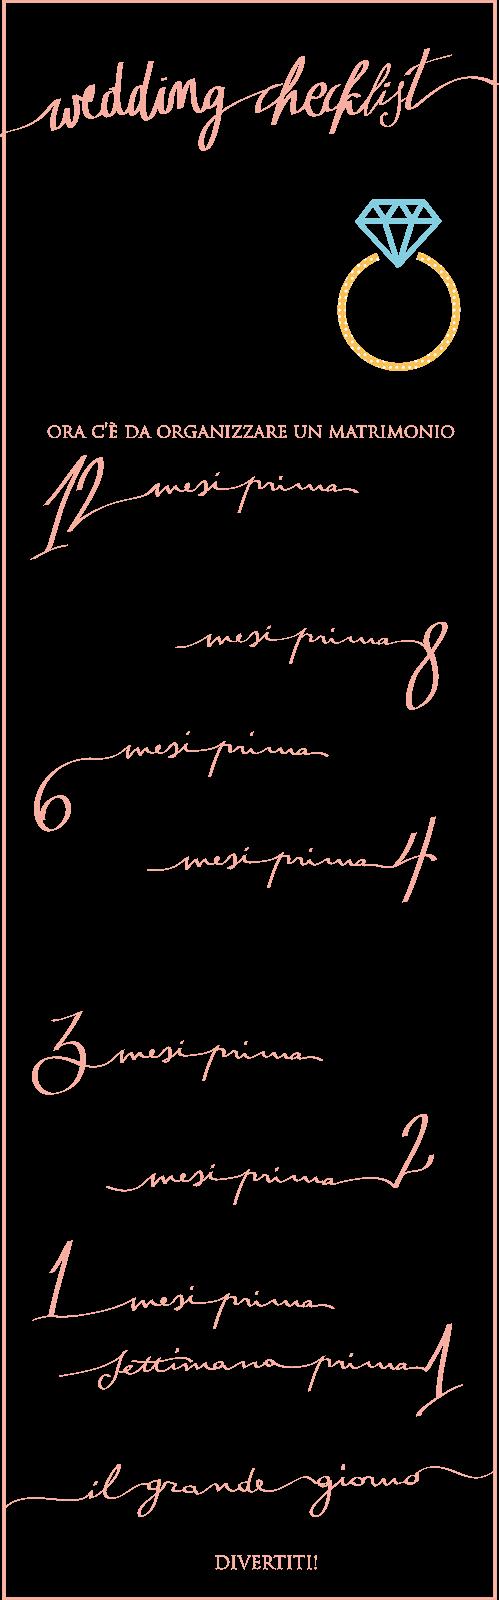 Il Mio Blog Di Quando Sono Martina E Non La Wedding Planner Dove Parlo Di Cio Che Amo Di Me E Della Mia Vita In Consigli Sul Matrimonio Il Piano Matrimonio